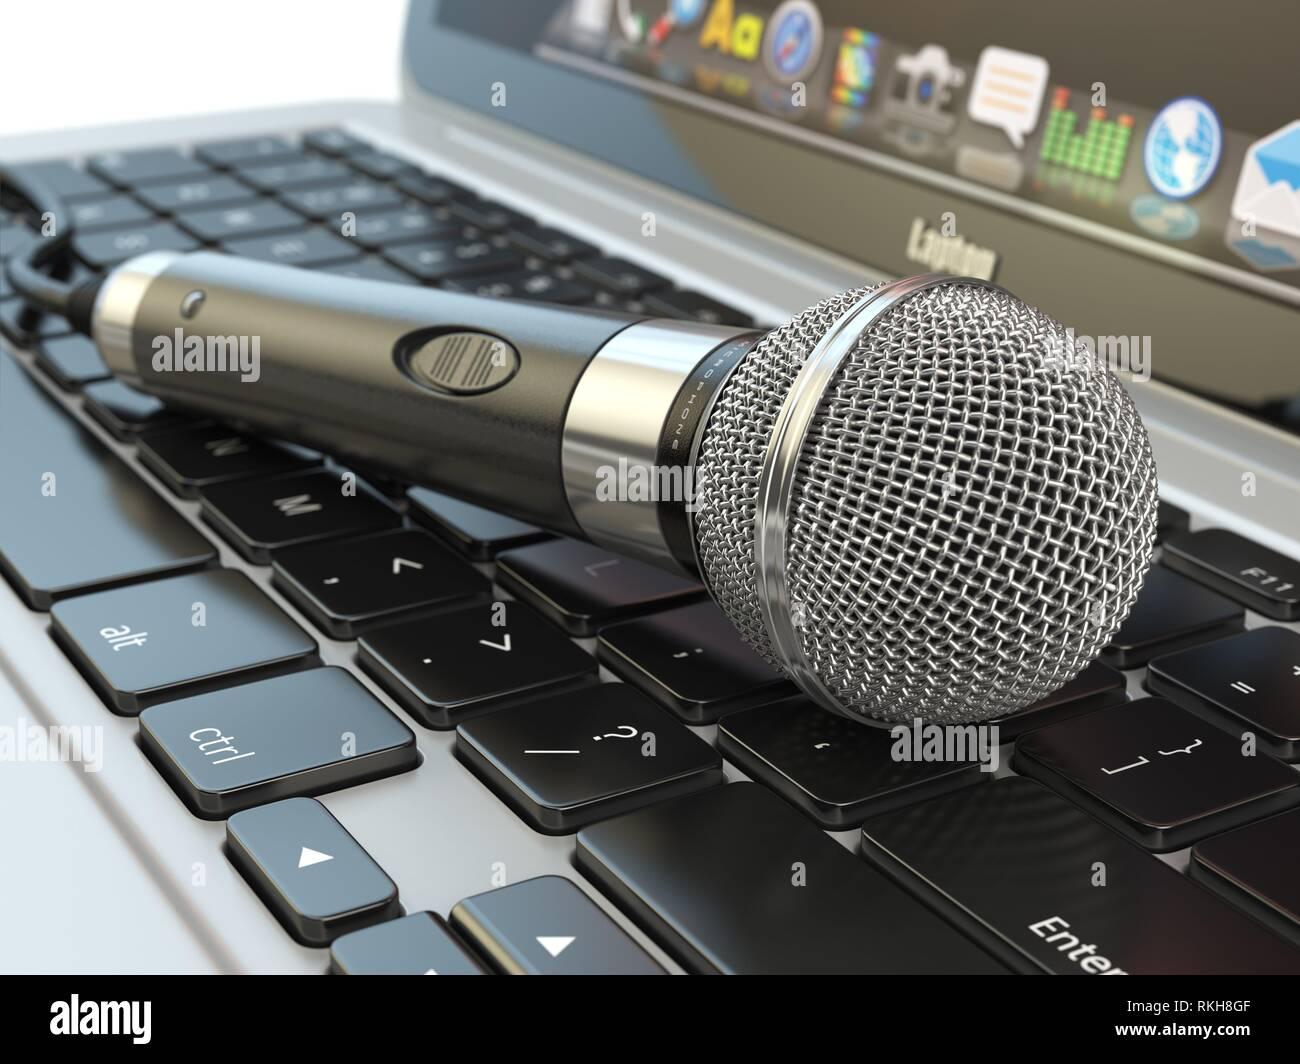 Microfono sulla tastiera del notebook. Digital audio musica software o il concetto di karaoke. 3d'illustrazione. Immagini Stock